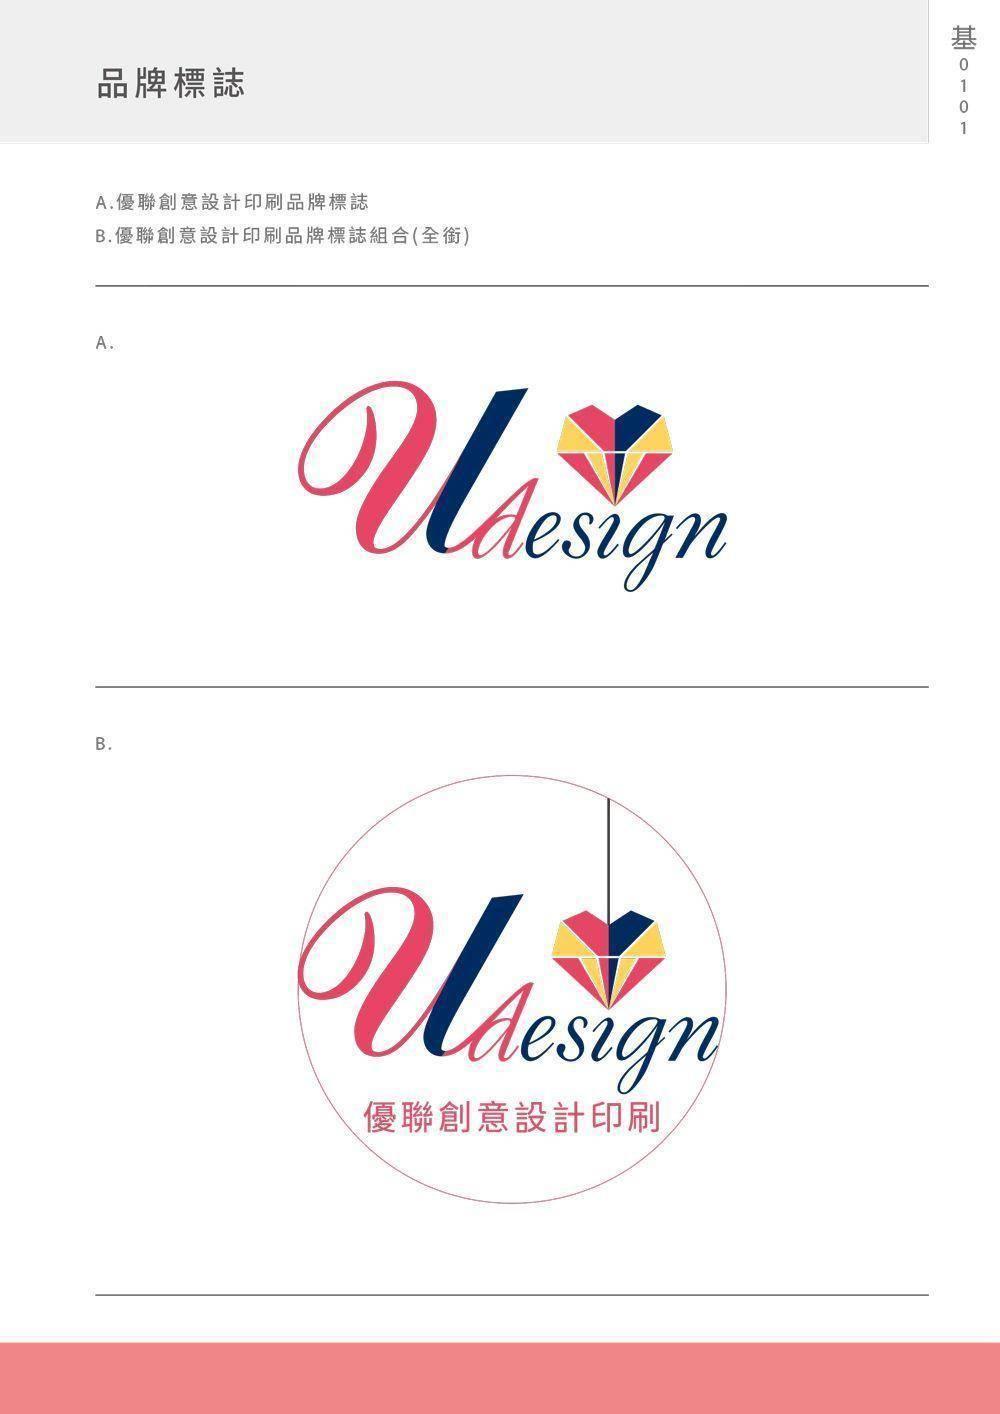 CIS企业识别设计系统-VI设计品牌标志